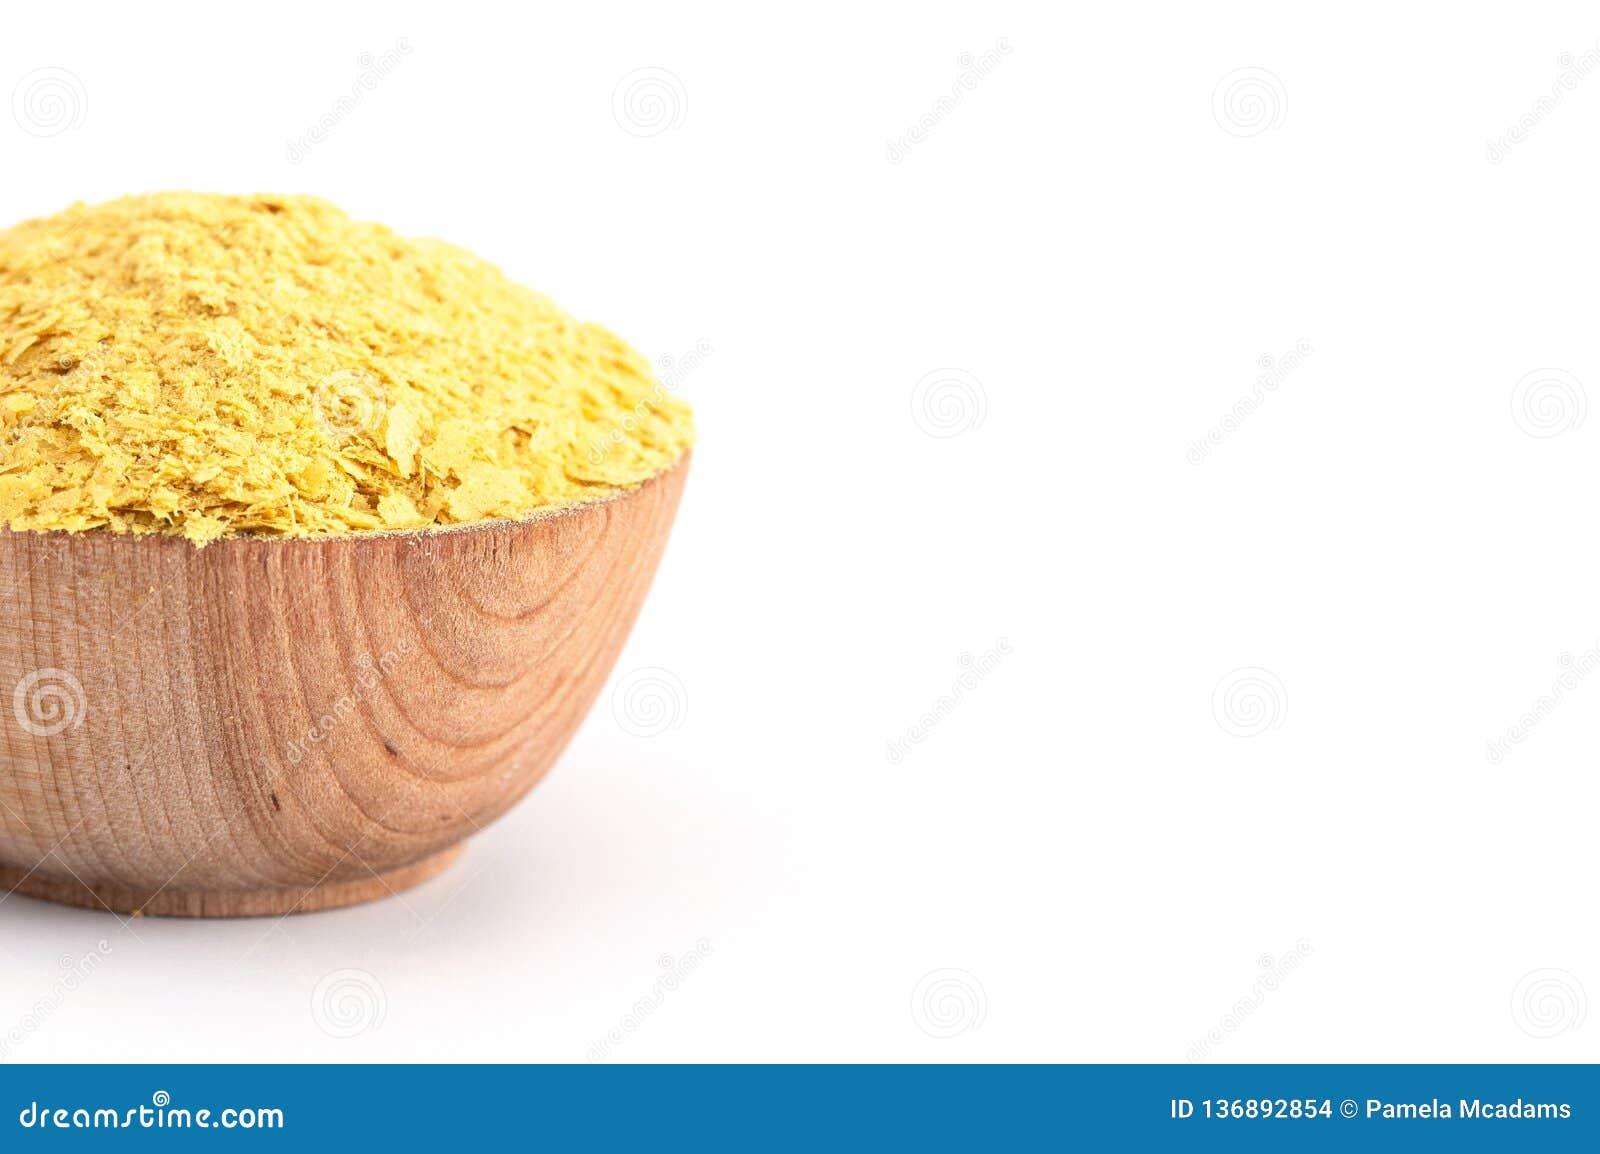 Flocons de levure nutritionnelle jaune un substitut de fromage et assaisonnement pour des régimes de Vegan